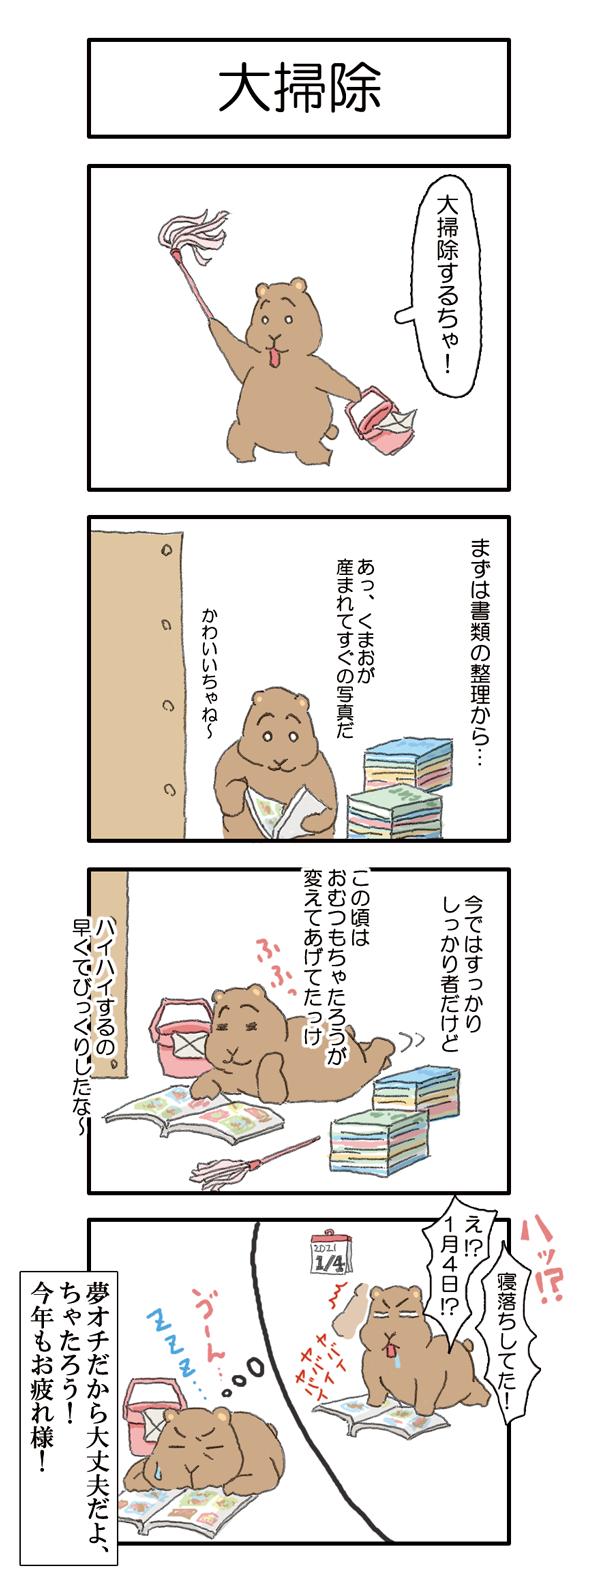 みそちゃんコーポレーション 大掃除